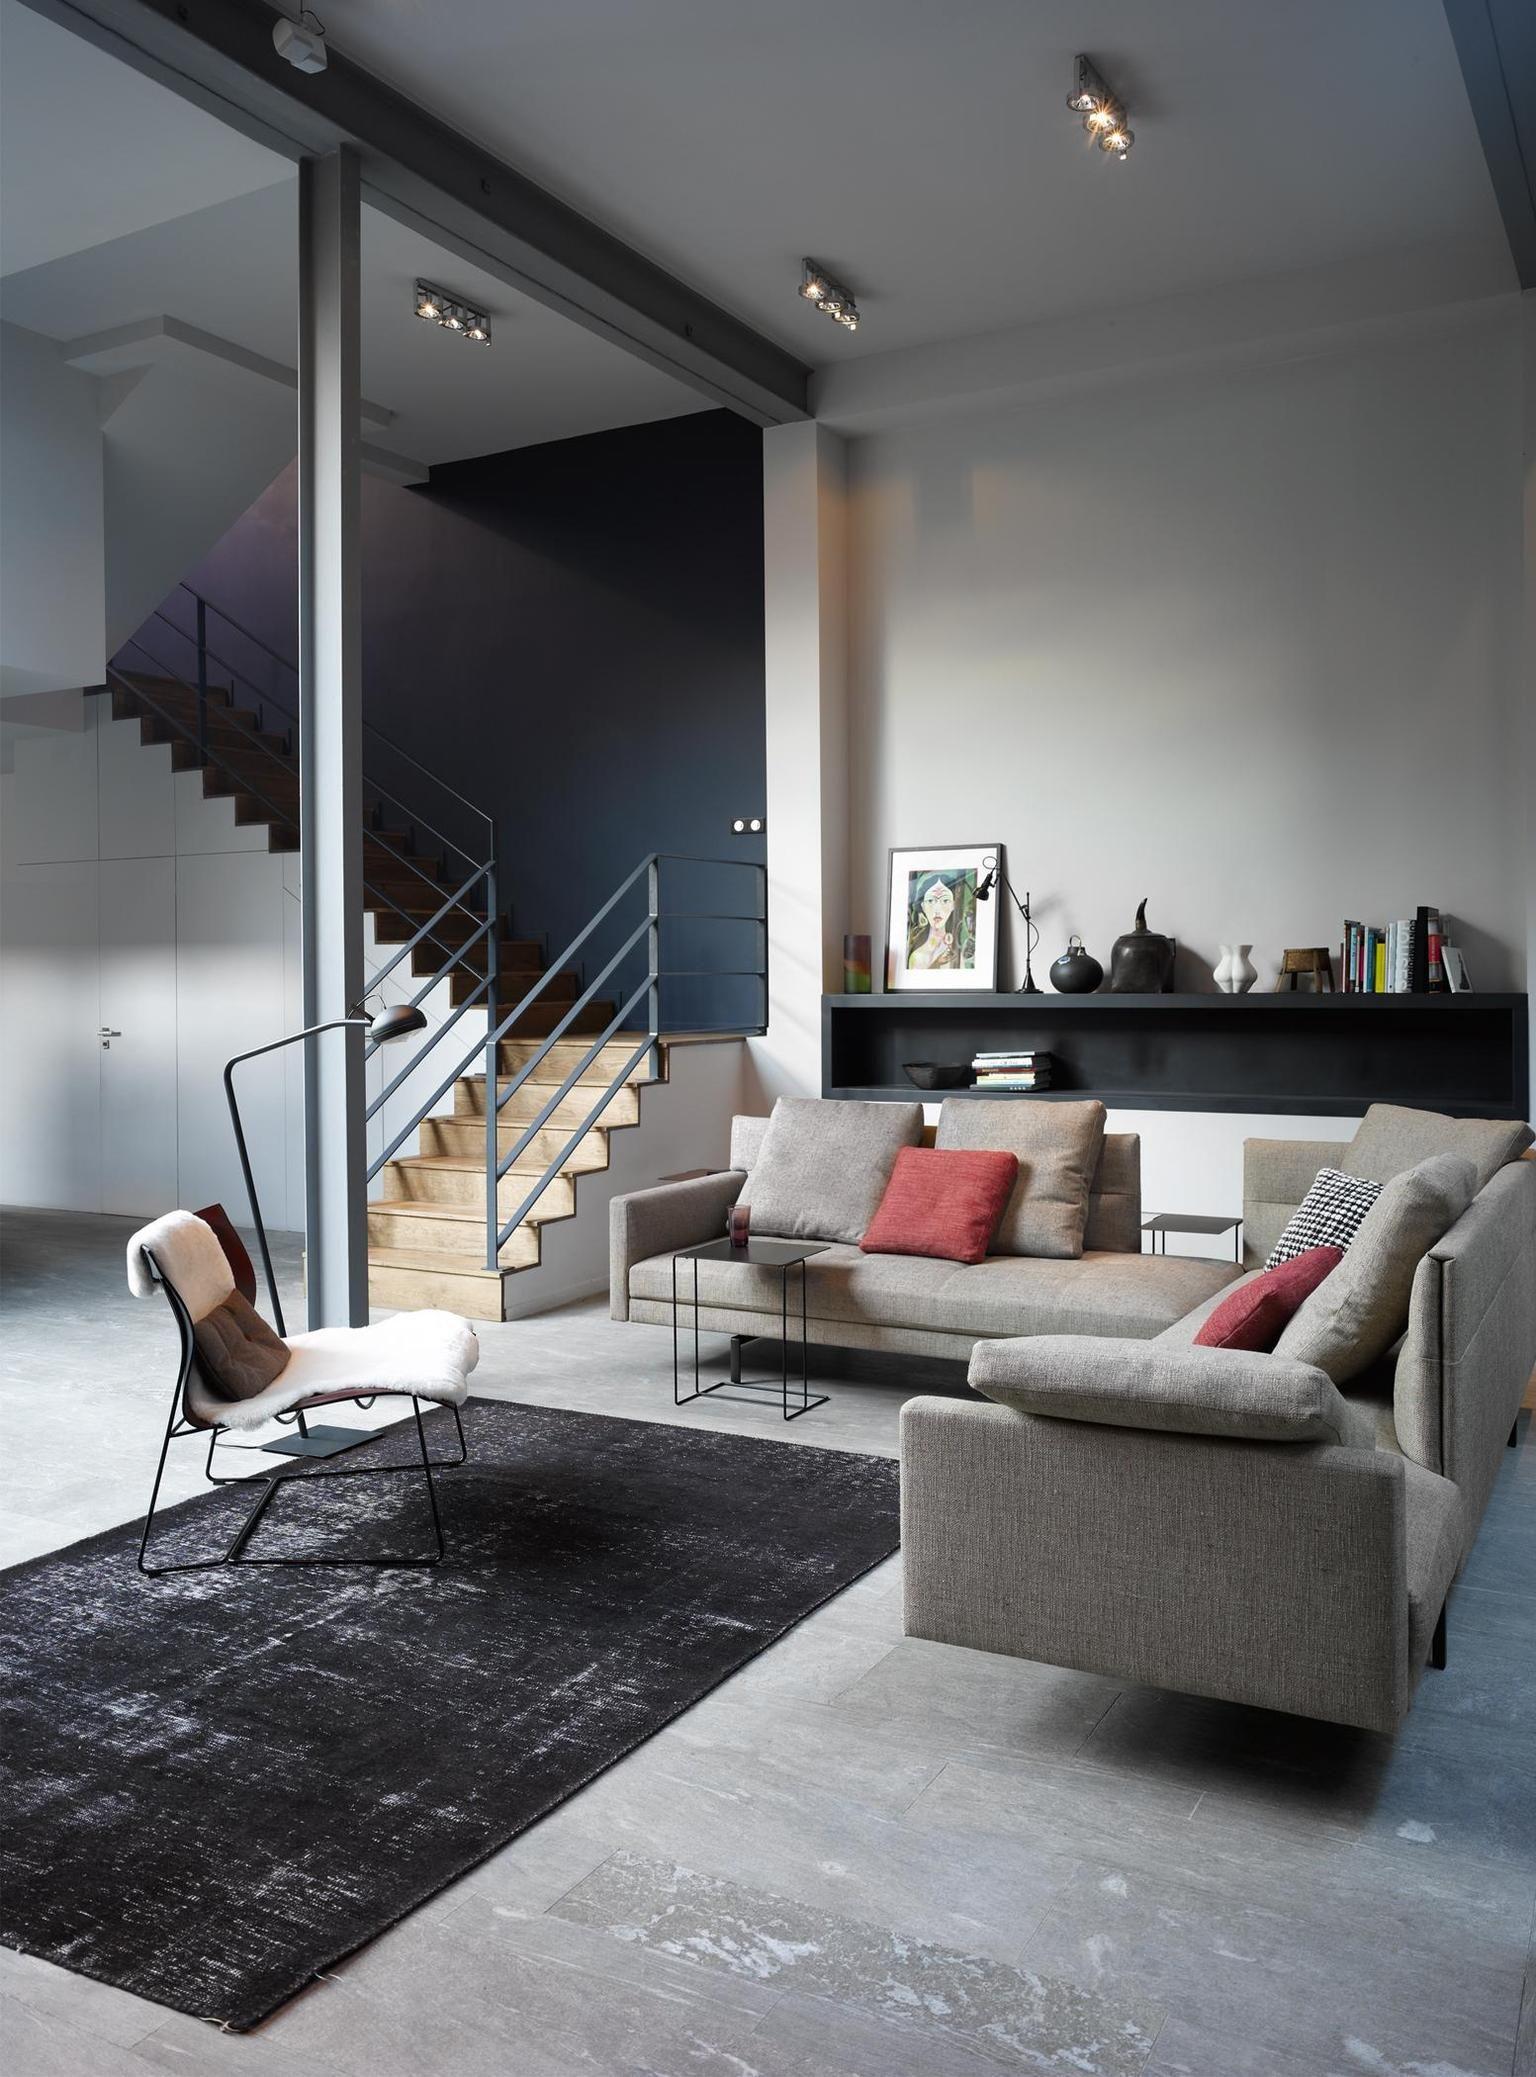 Modernes Wohnzimmer #teppich #ecksofa #récamiere #sofa #wohnzimmerdeko  #wohnlandschaft ©Walter